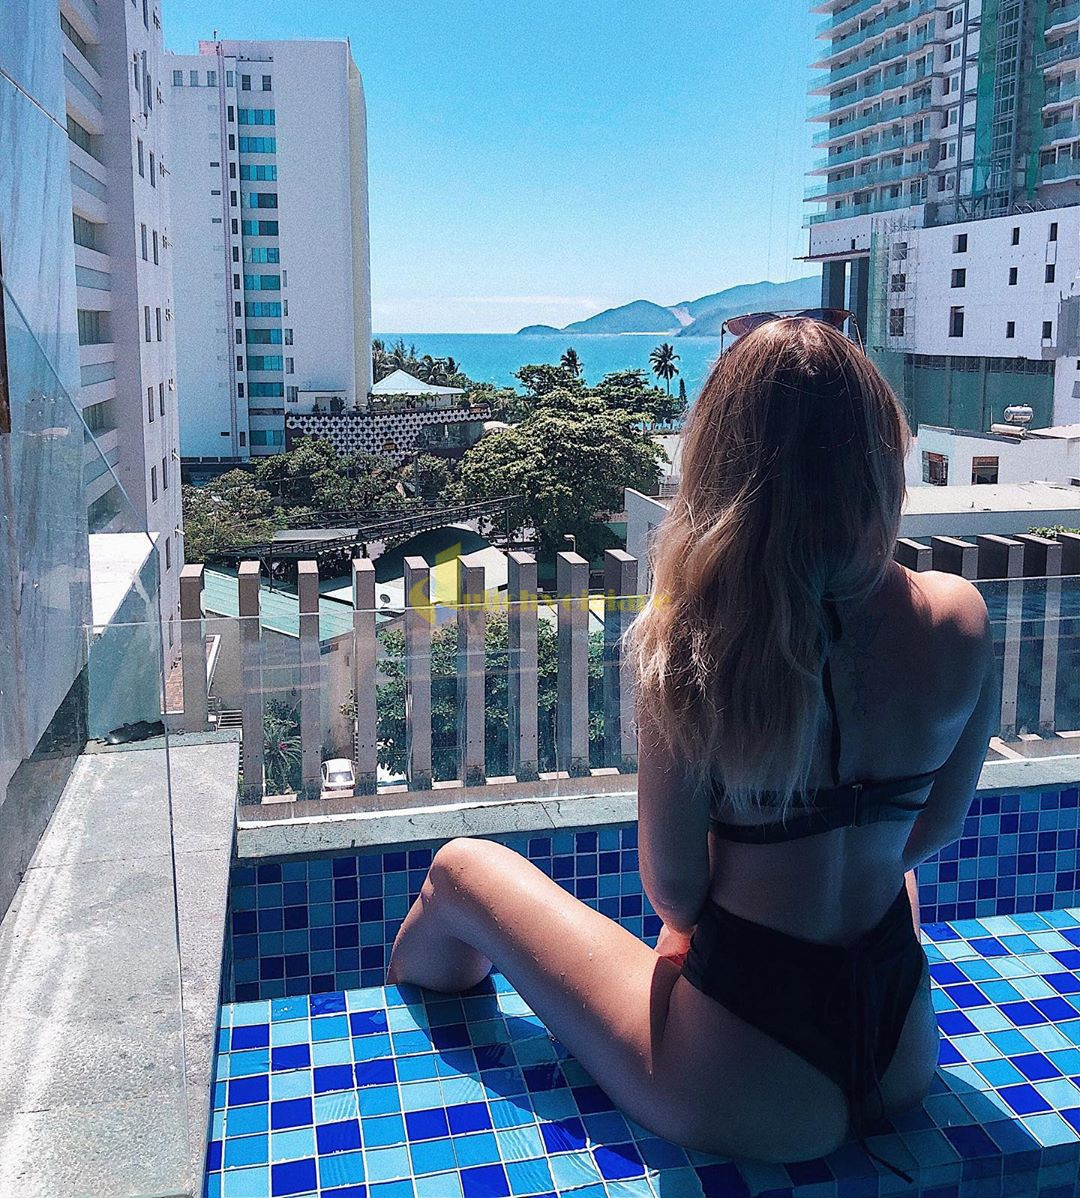 libra-4 Top 10 Khách Sạn Đẹp Ngất Ngây Tại Nha Trang